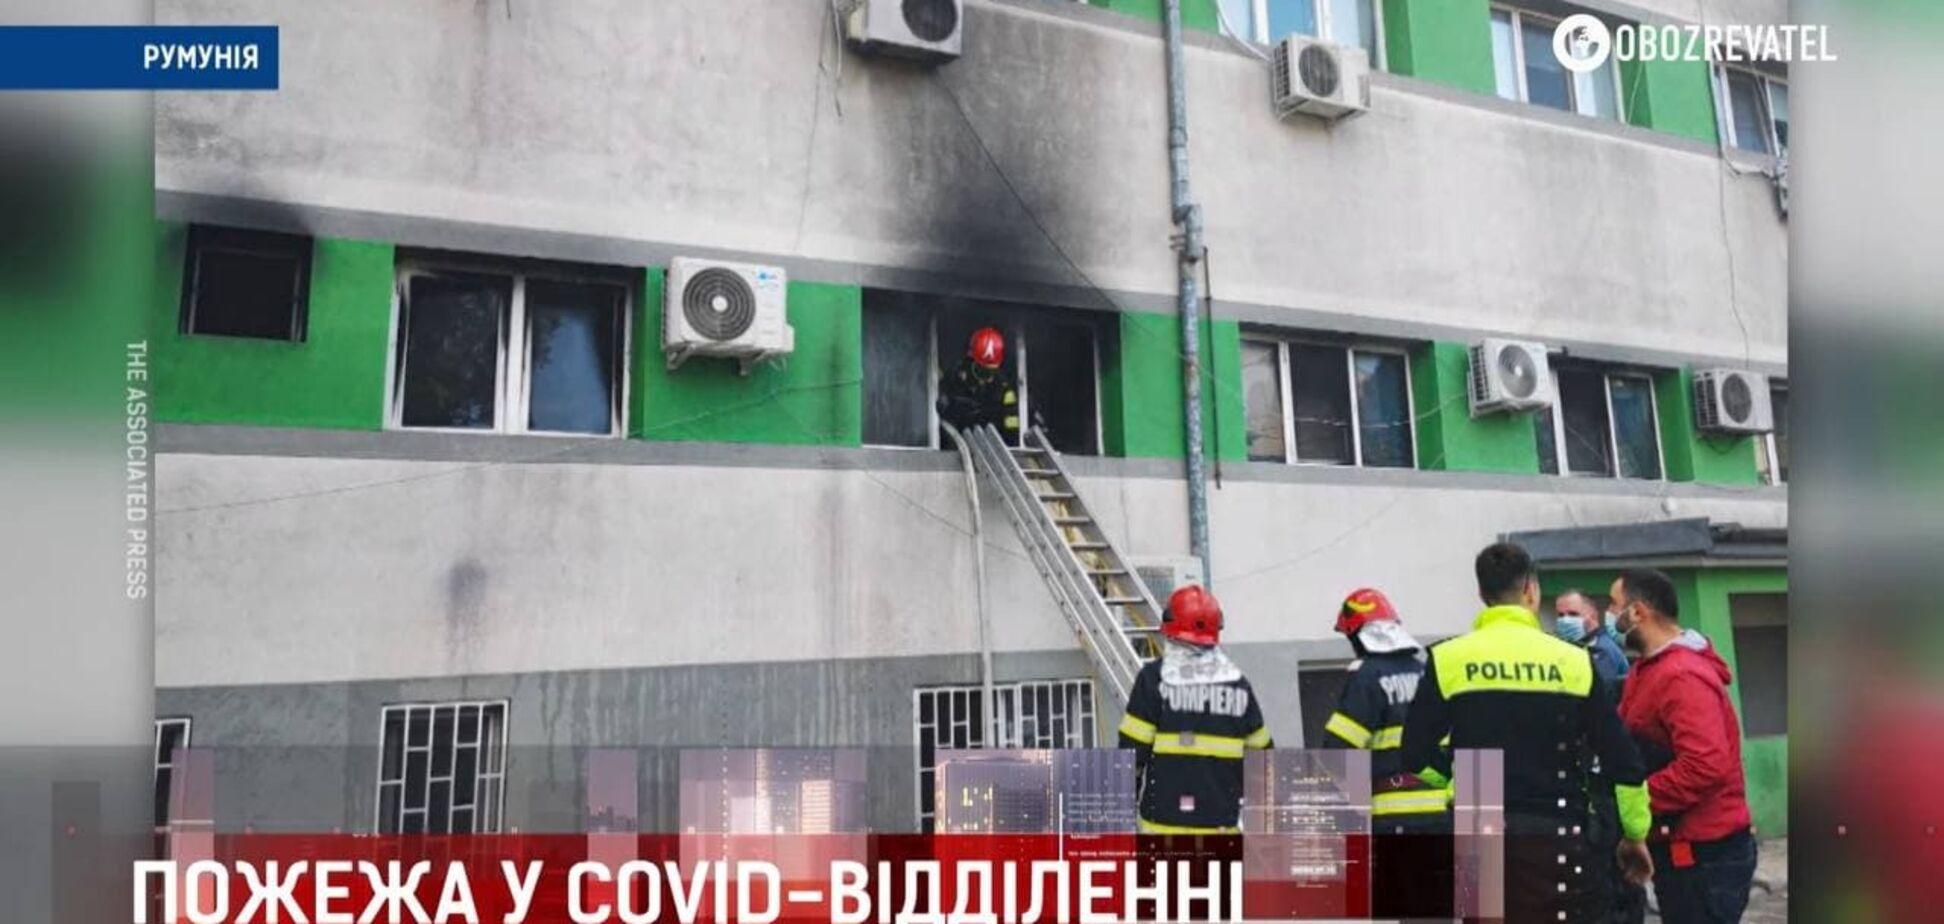 9 загиблих у COVID-відділенні в Румунії та рекордні смертність і кількість заражень у Росії – коронавірусні хроніки